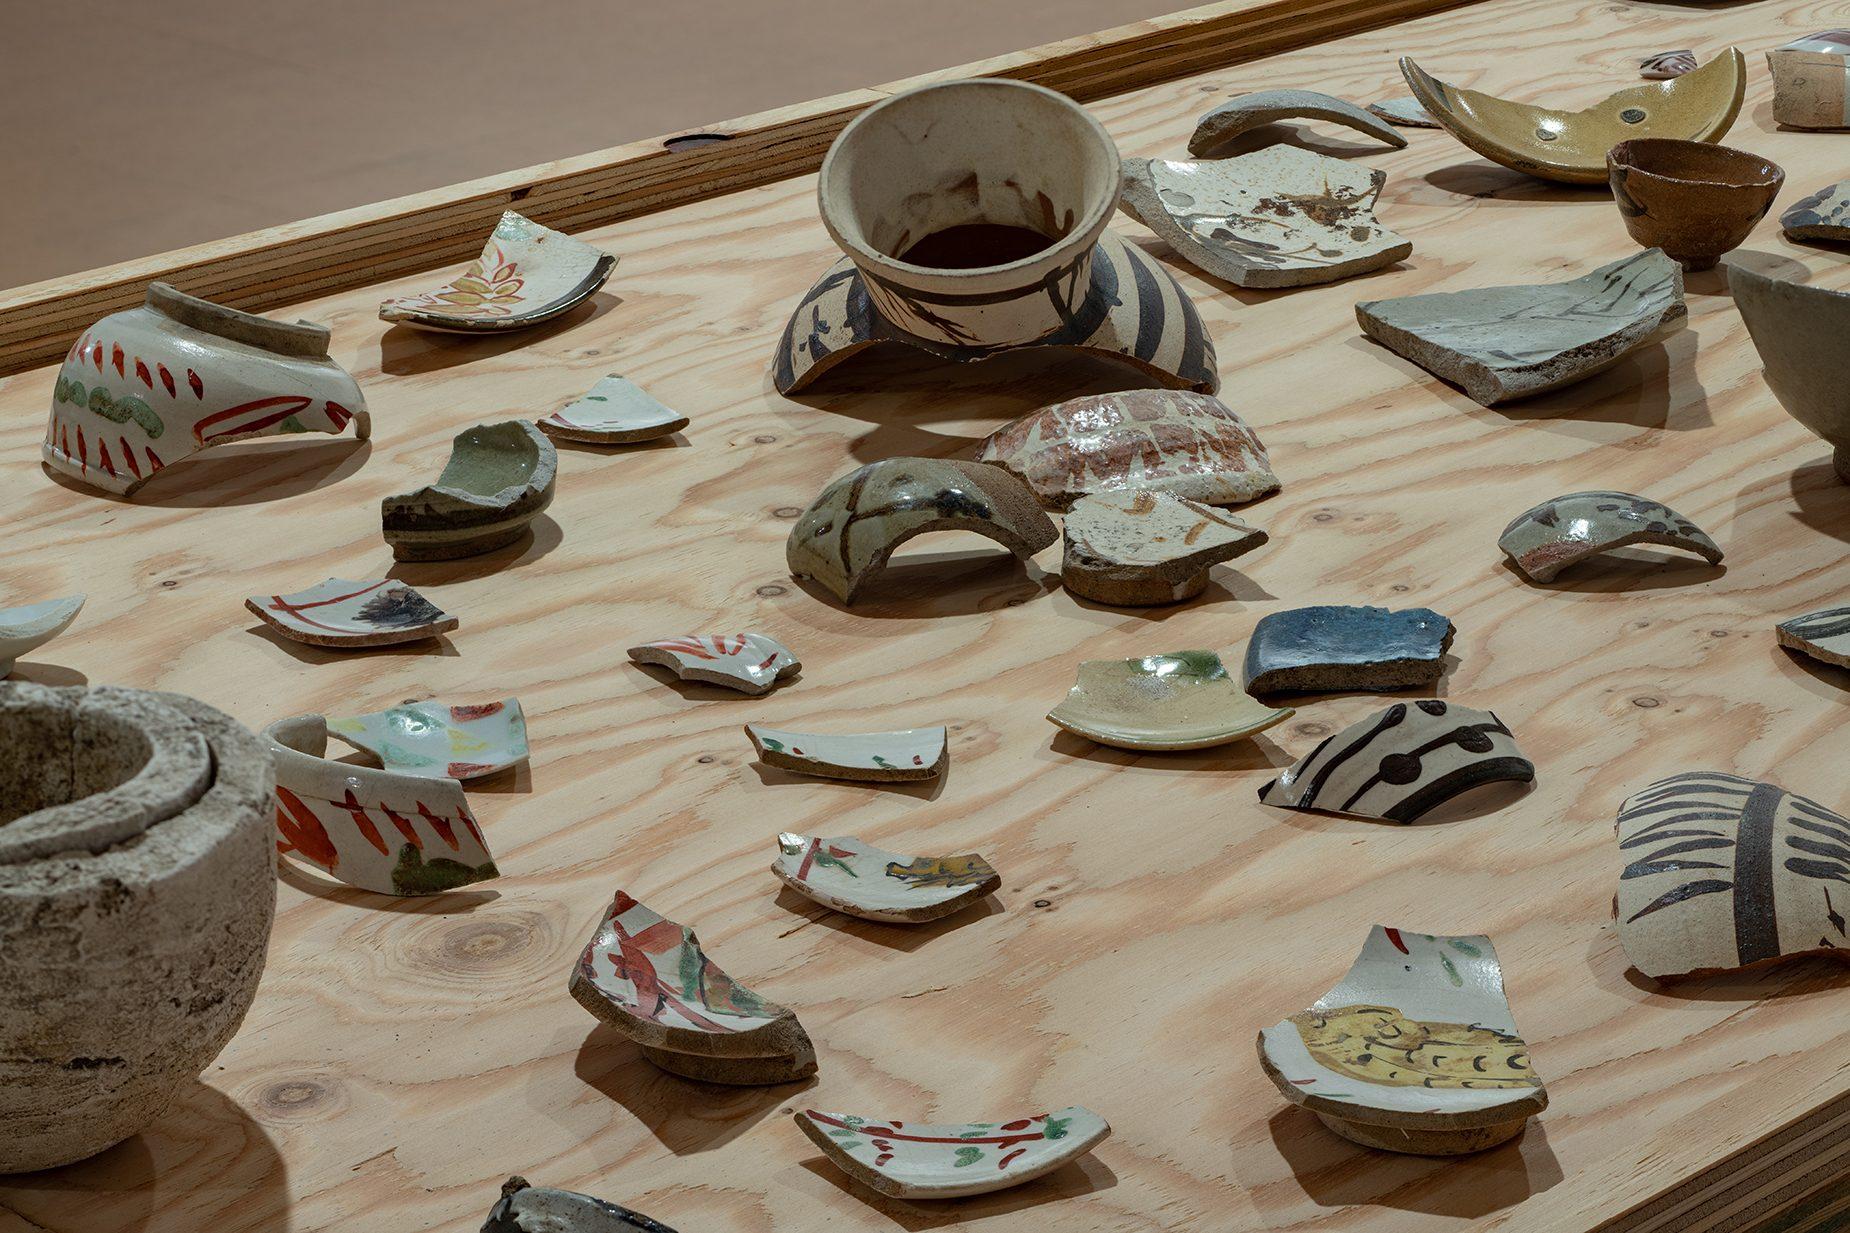 掘り起こされて石黒宗麿の陶片